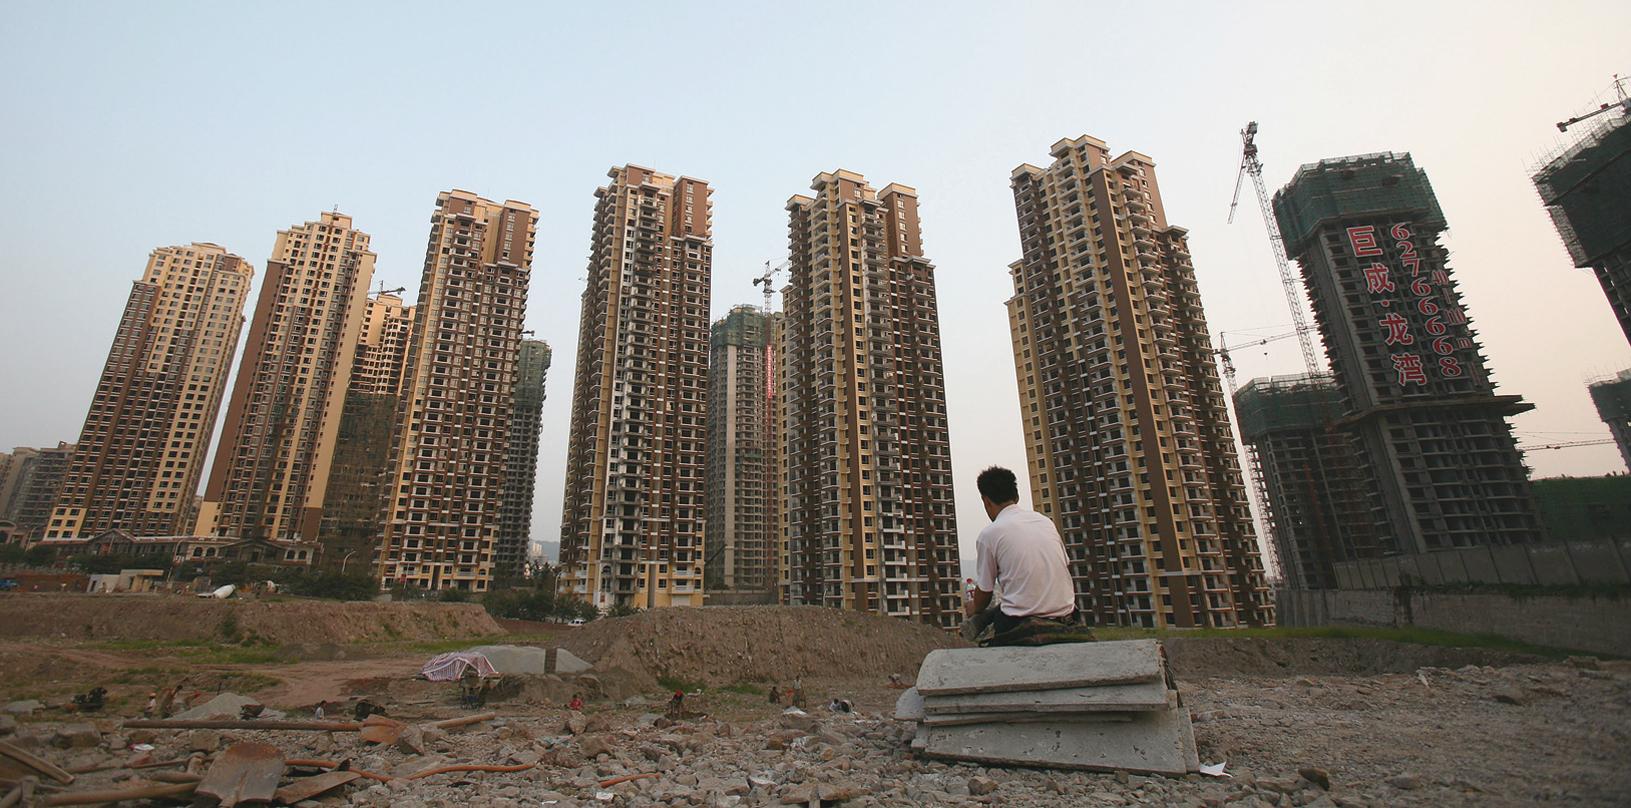 業內人士稱,這一輪急劇增長的房產泡沫是一個典型的槓桿資金推動。(Getty Images)